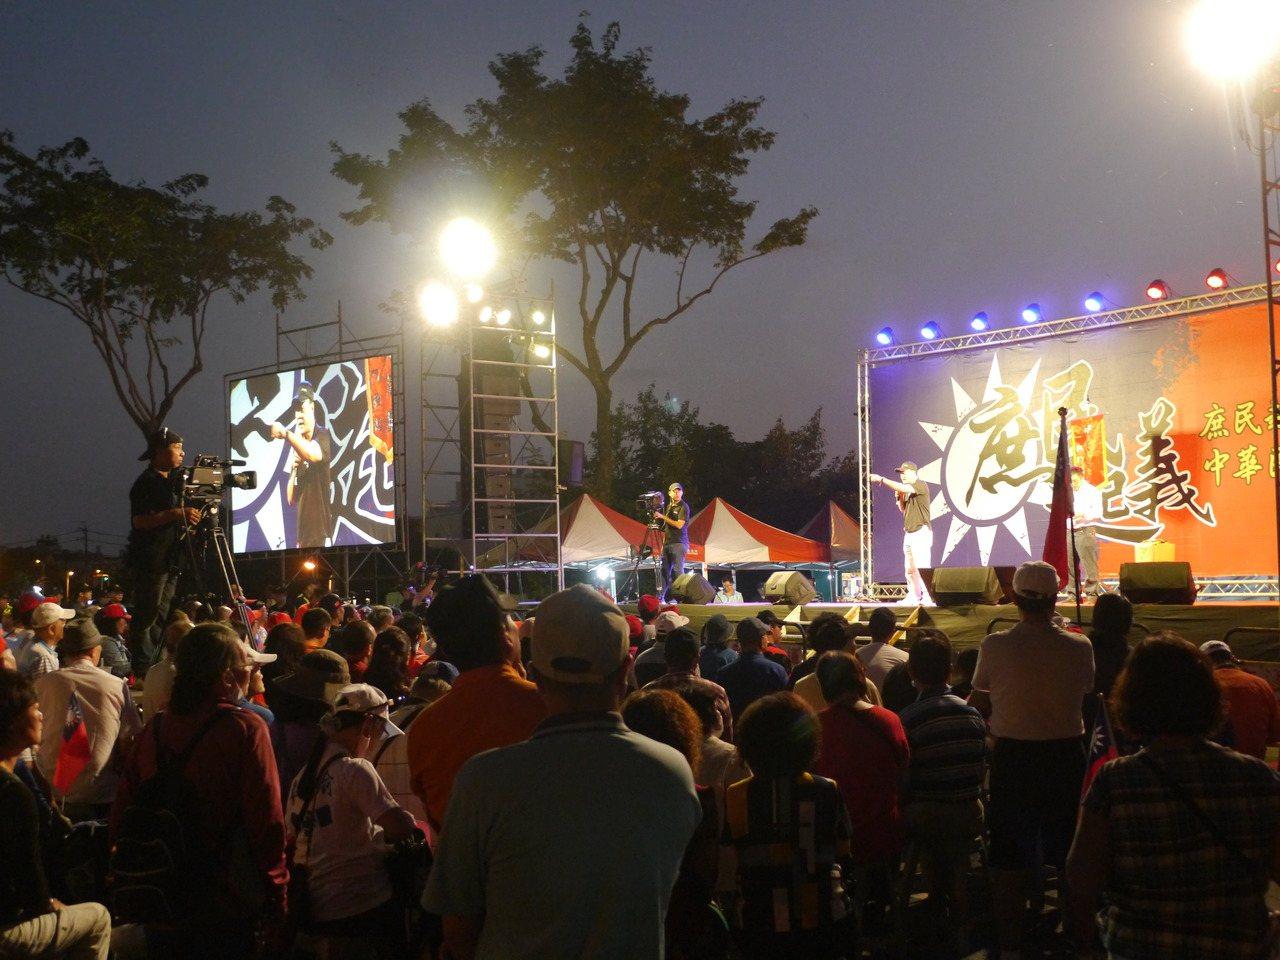 挺韓「五虎將」昨在高雄市岡山區舉辦挺韓造勢晚會,會場湧入眾多支持者。記者徐白櫻/...